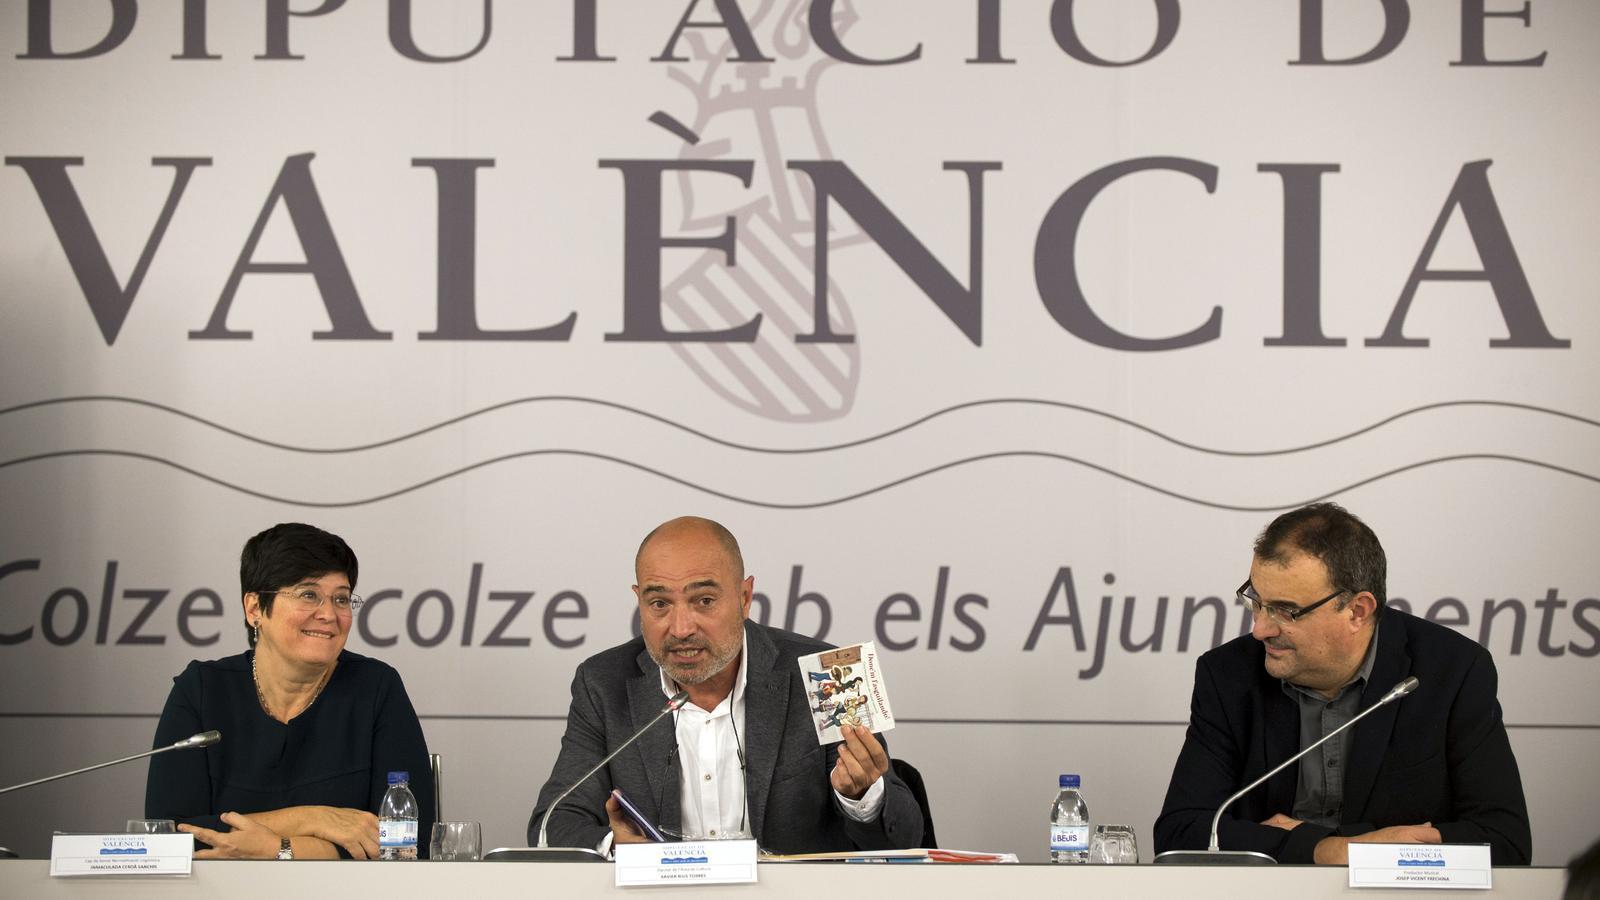 El diputat de Cultura de la Diputació de València, Xavier Rius (centre), ha presentat aquest dijous el llibre-disc 'Bressolant', editat per Andana Editorial.